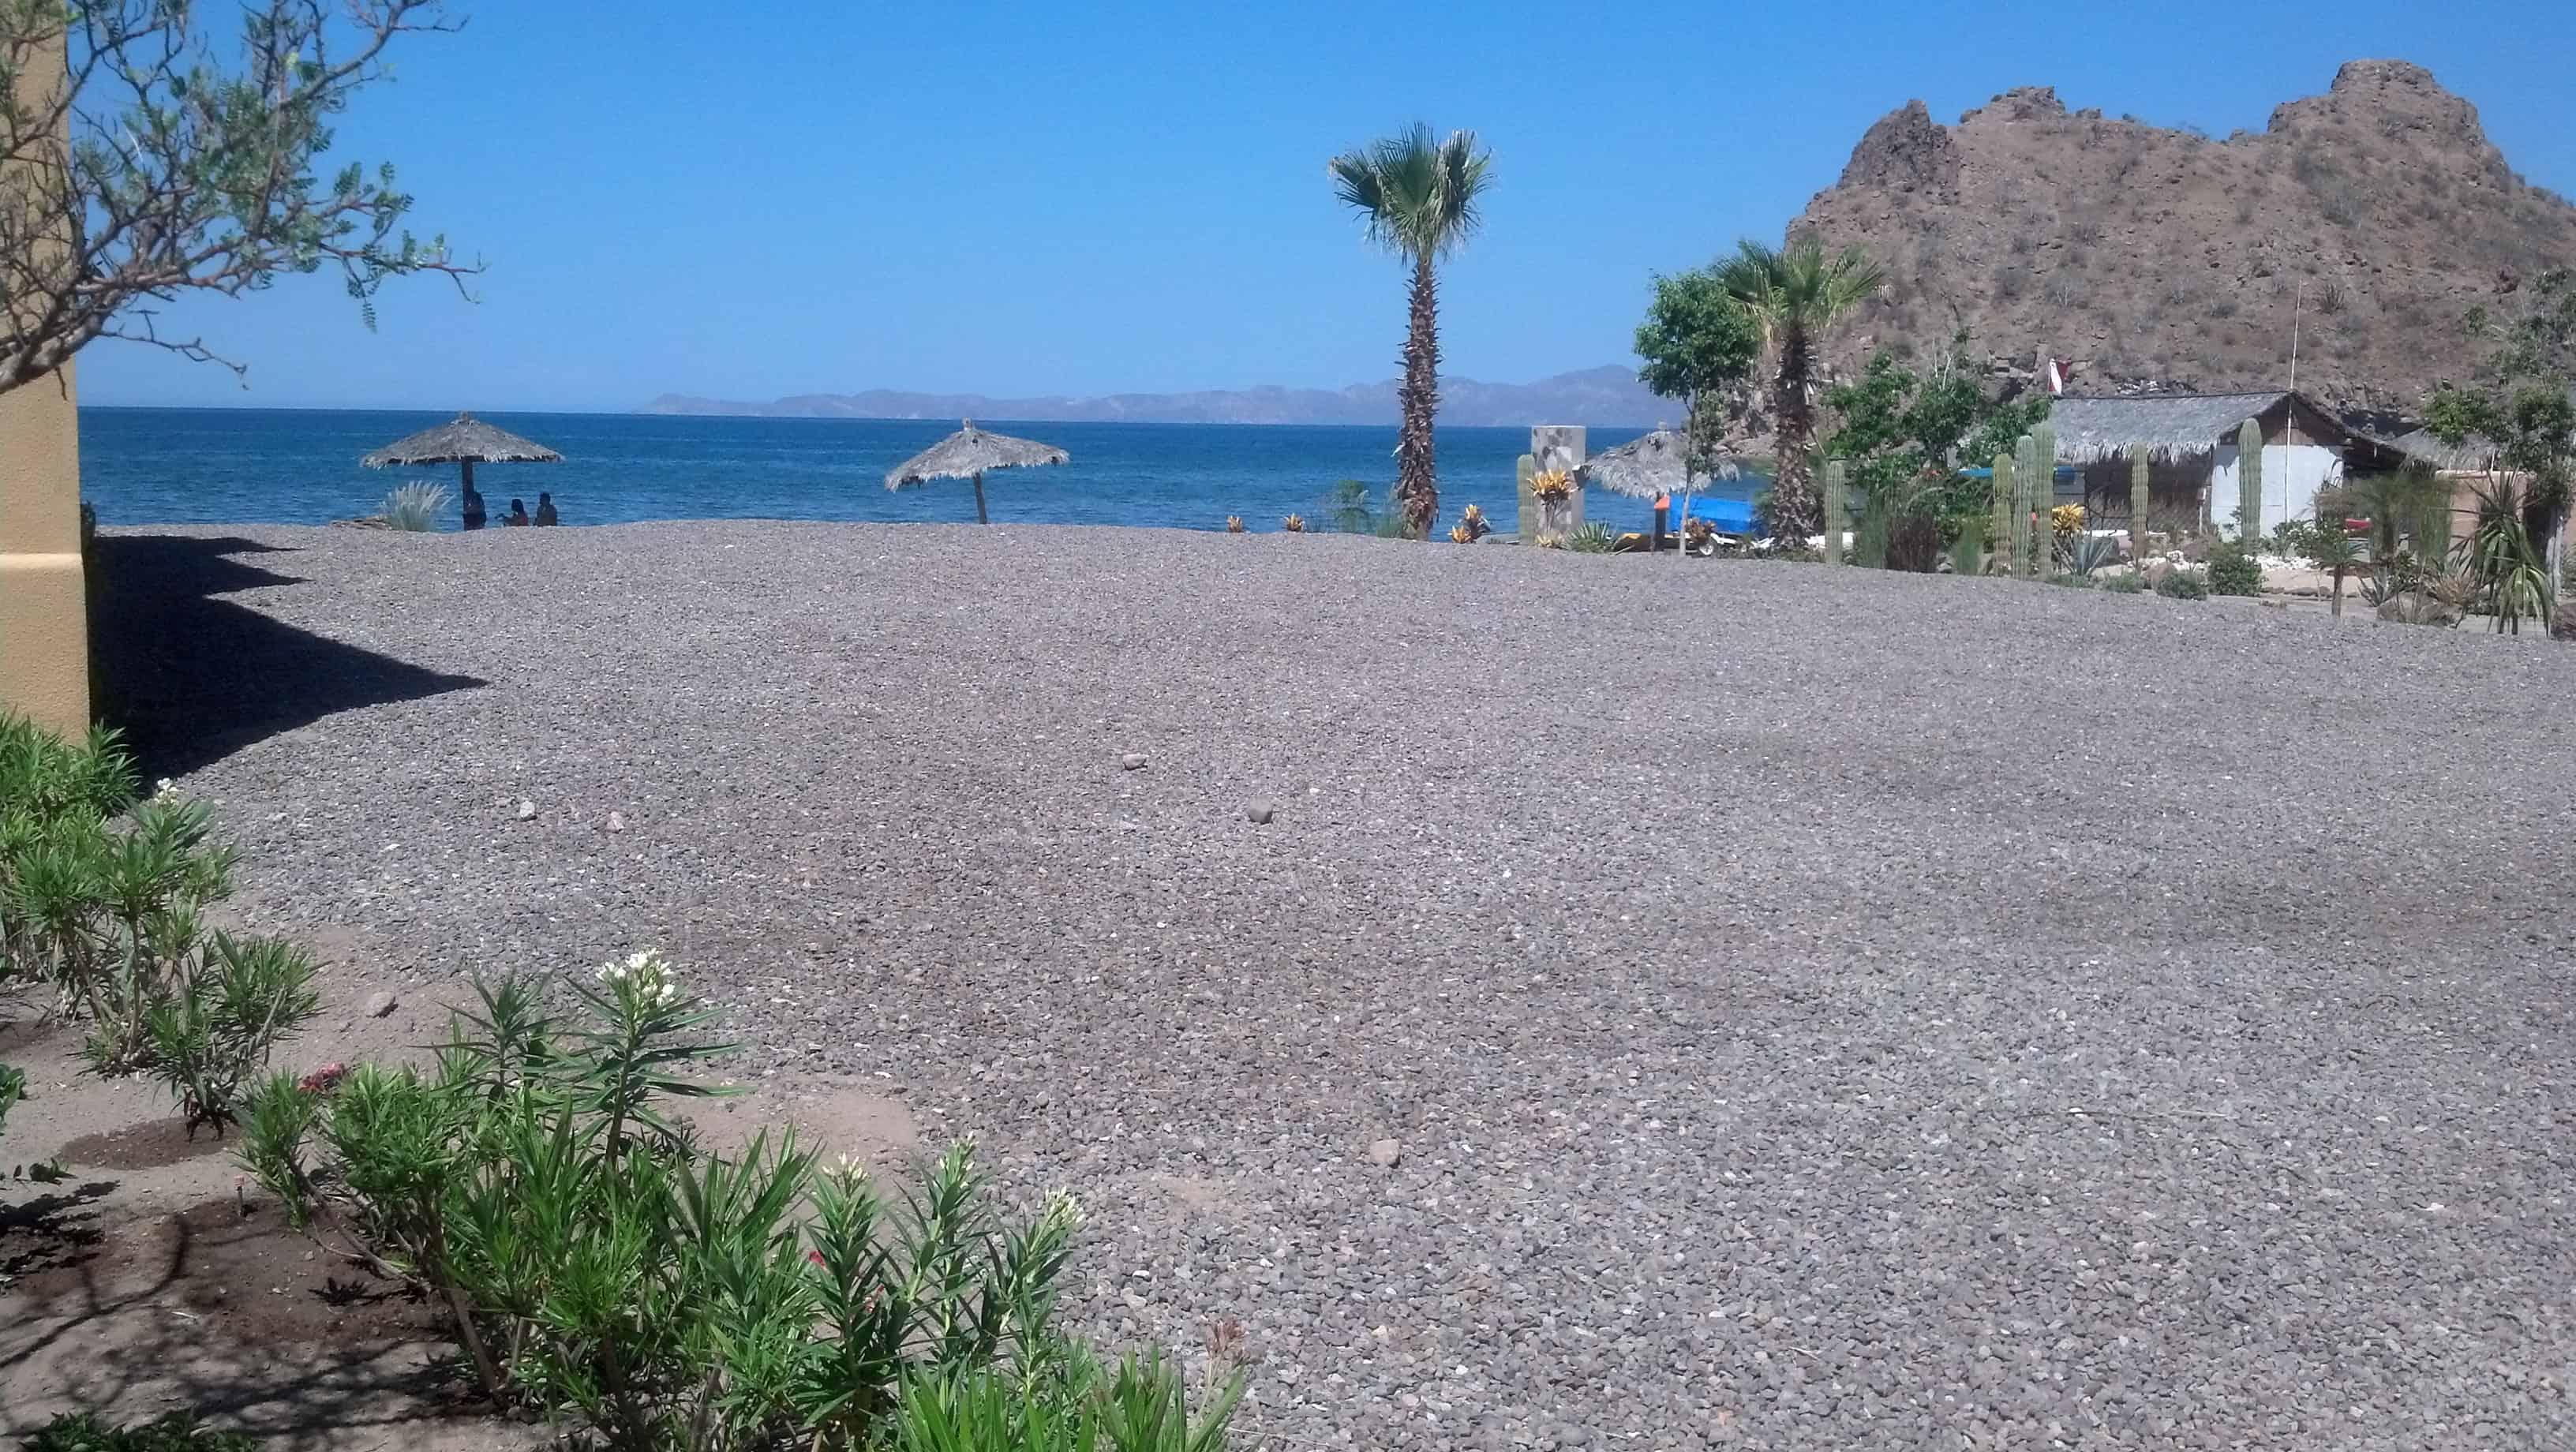 Nopolo Beach, Loreto Baja California, Baja California, Sea of Cortez Beaches, Loreto beaches, Loreto travel, Loreto vacations, best Mexico beaches